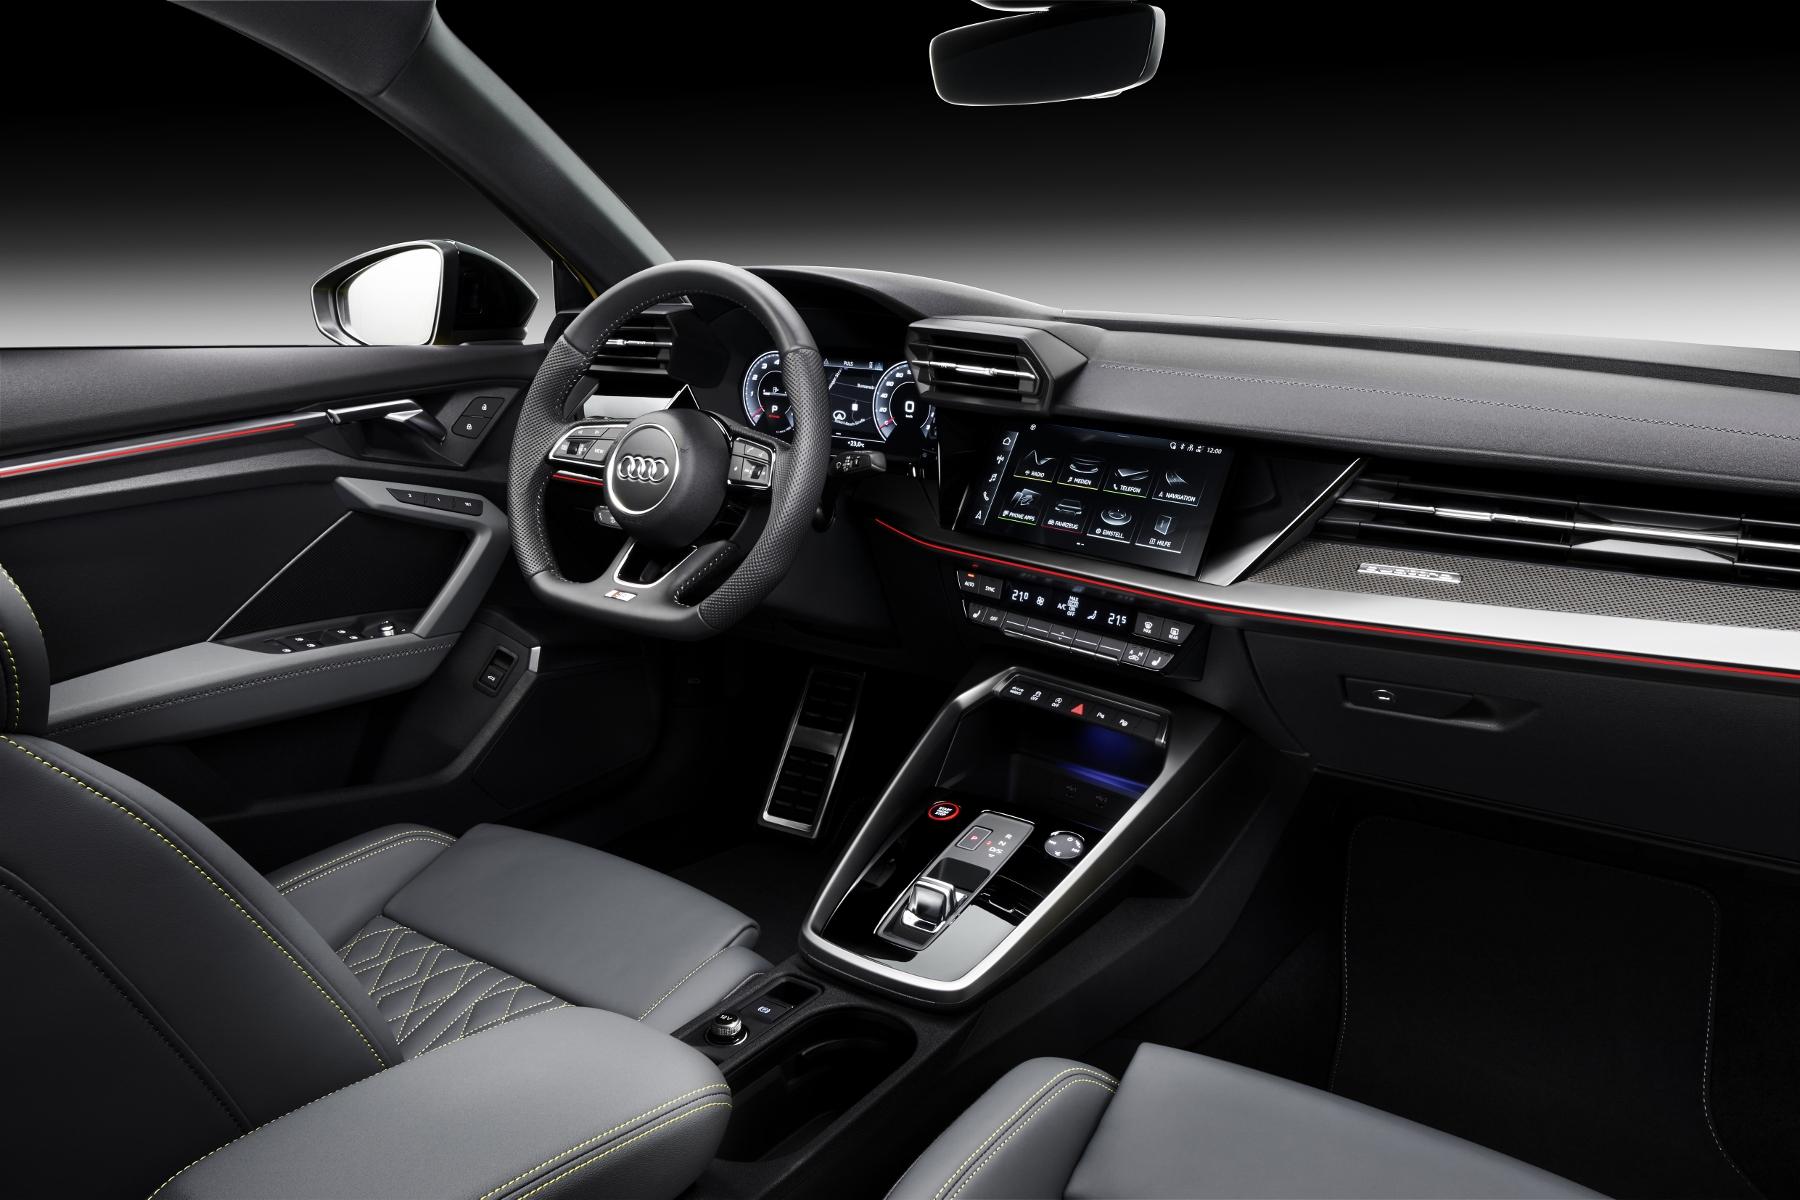 Audi ukázalo modely S3 Sedan a Sportback. Prezradilo aj nemeckú cenu cxm2lZCveH a204422large-1800x12